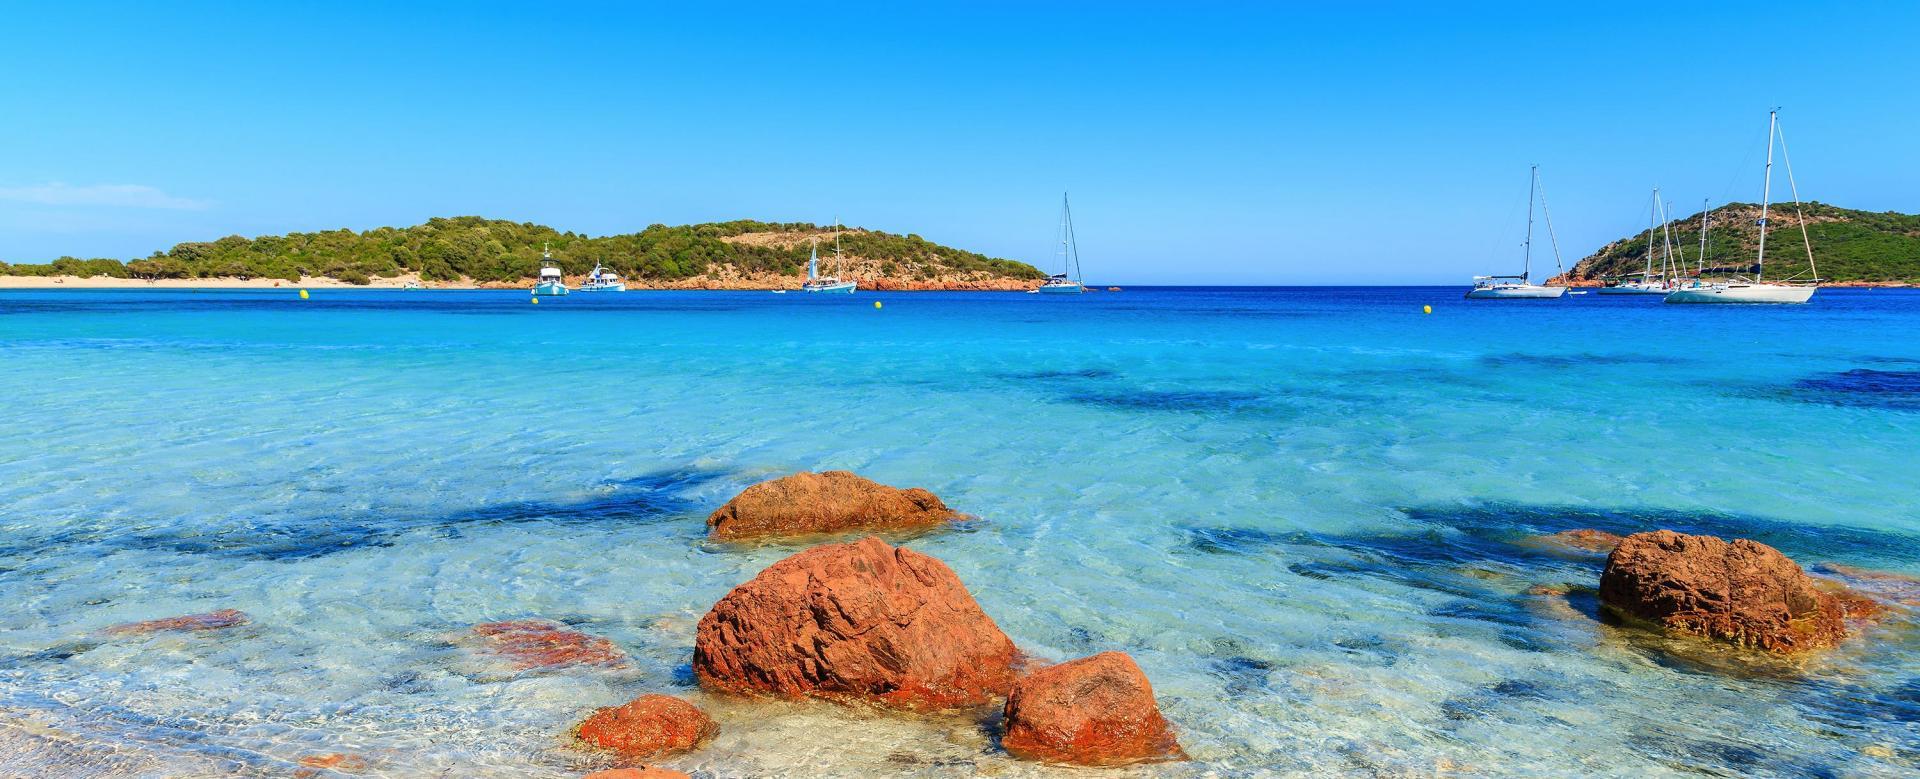 Voyage à pied France : L'île corsaire